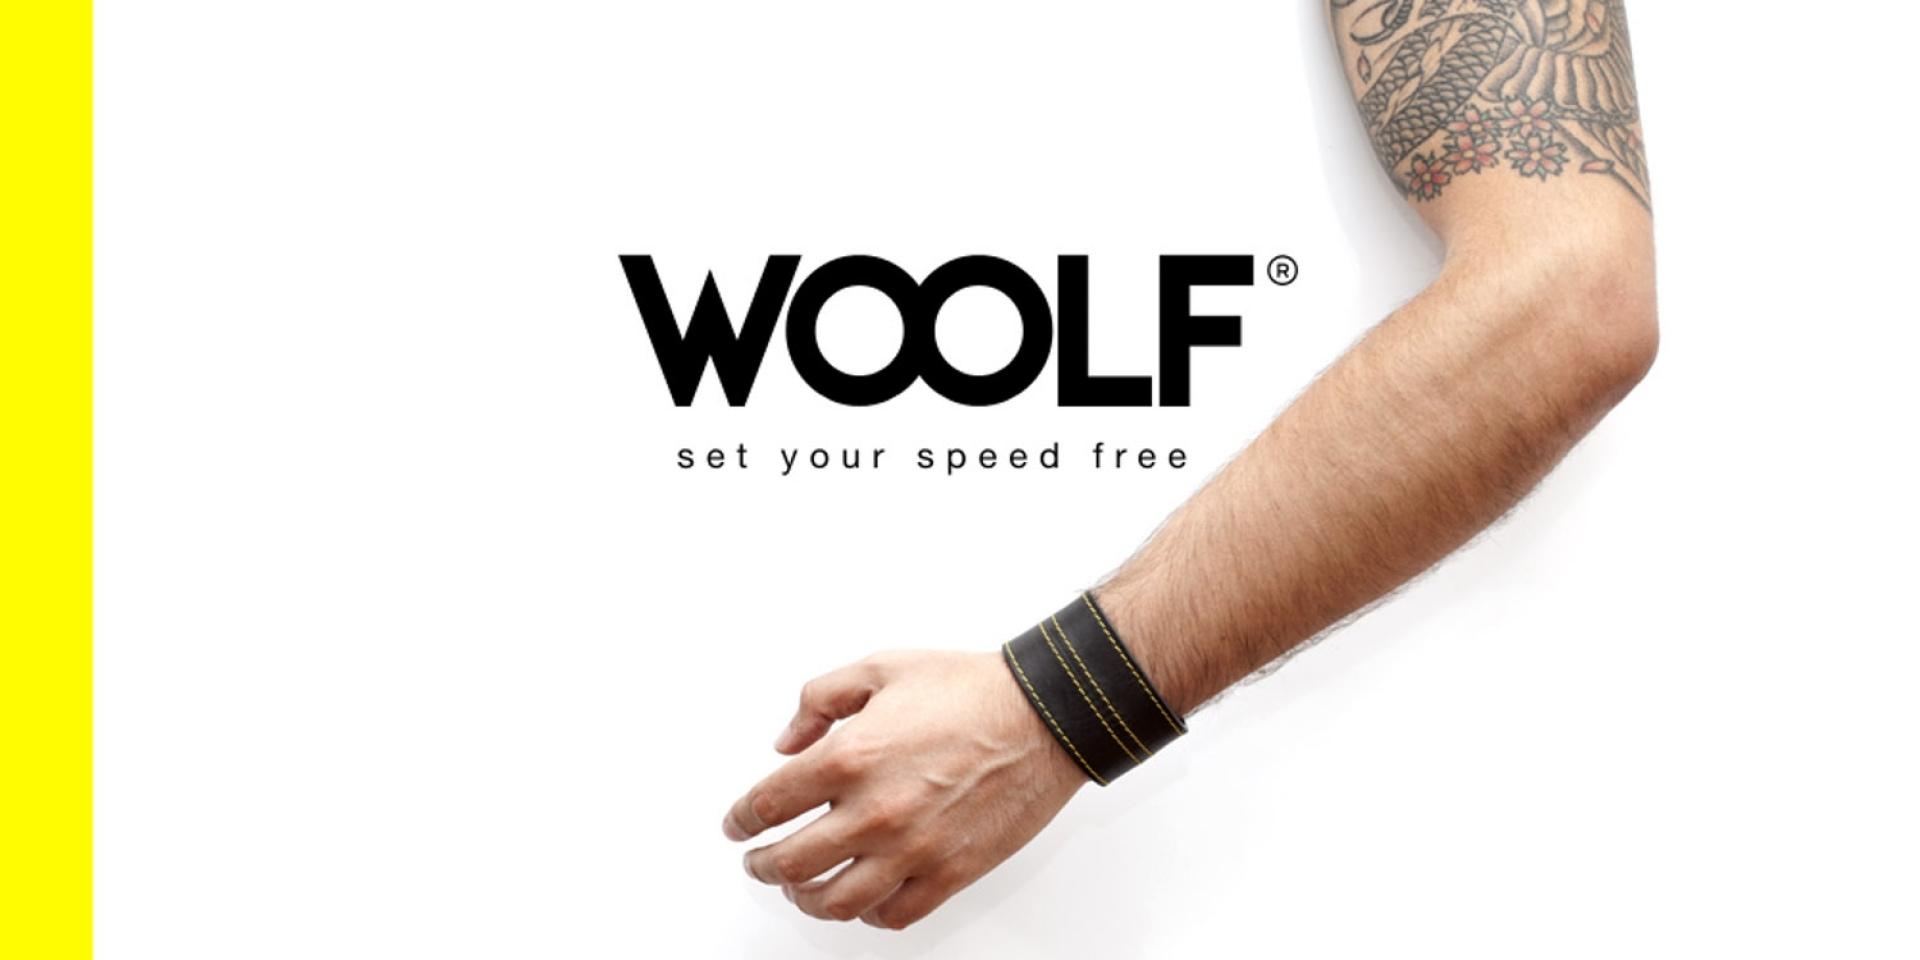 告別超速罰單。WOOLF 測速手環